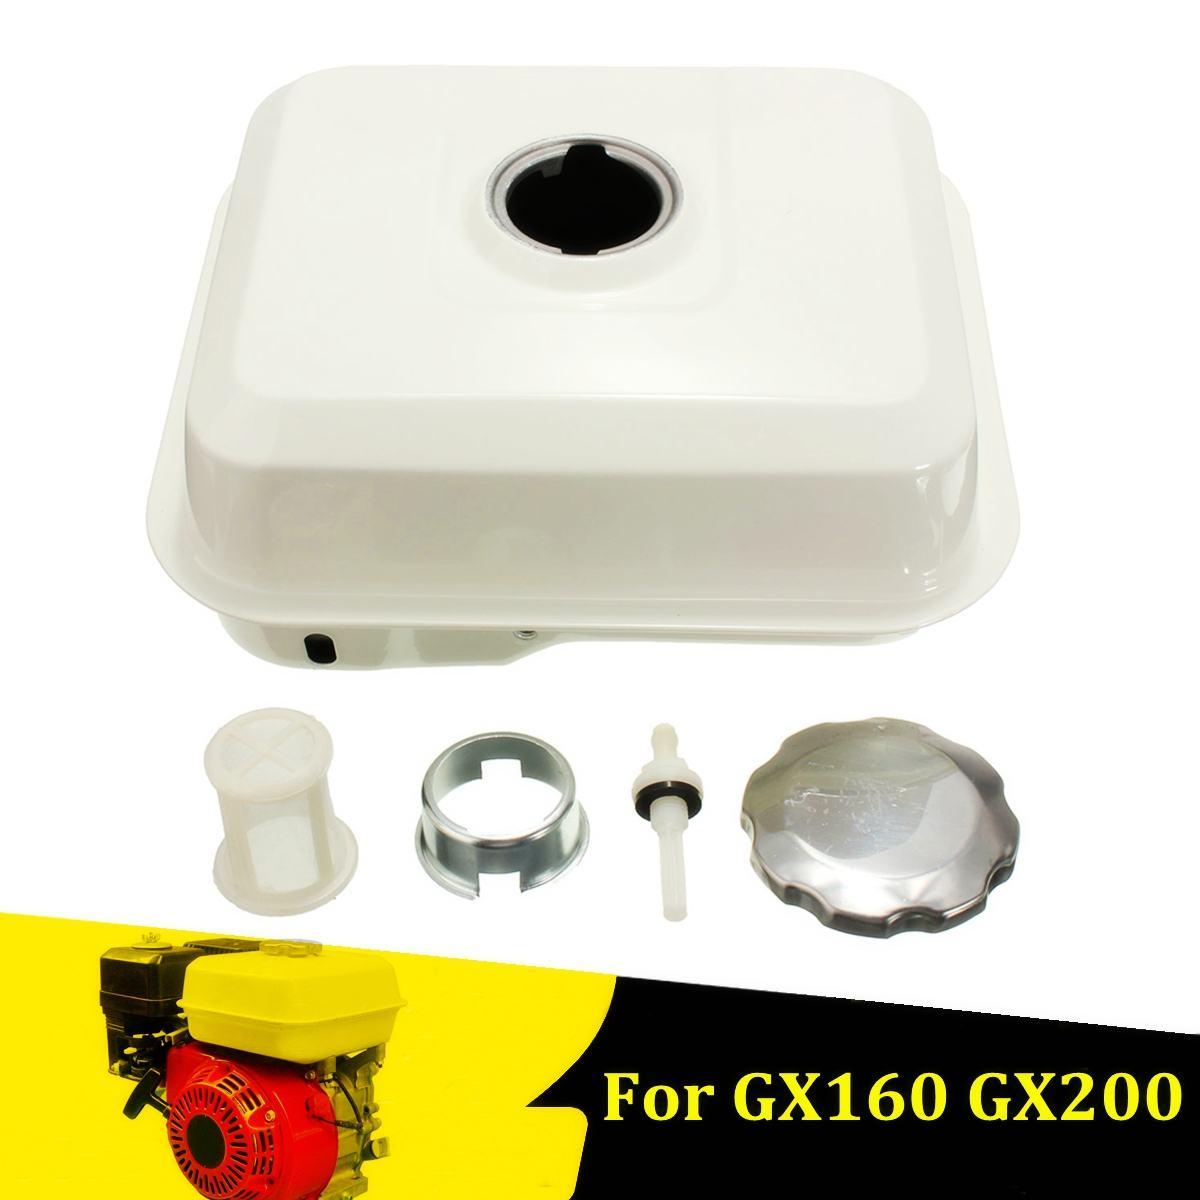 Réservoir de gaz de carburant 4L avec filtre à gaz Petcock blanc moteur à essence 5.5HP pour Honda GX120 GX140 GX160 GX200